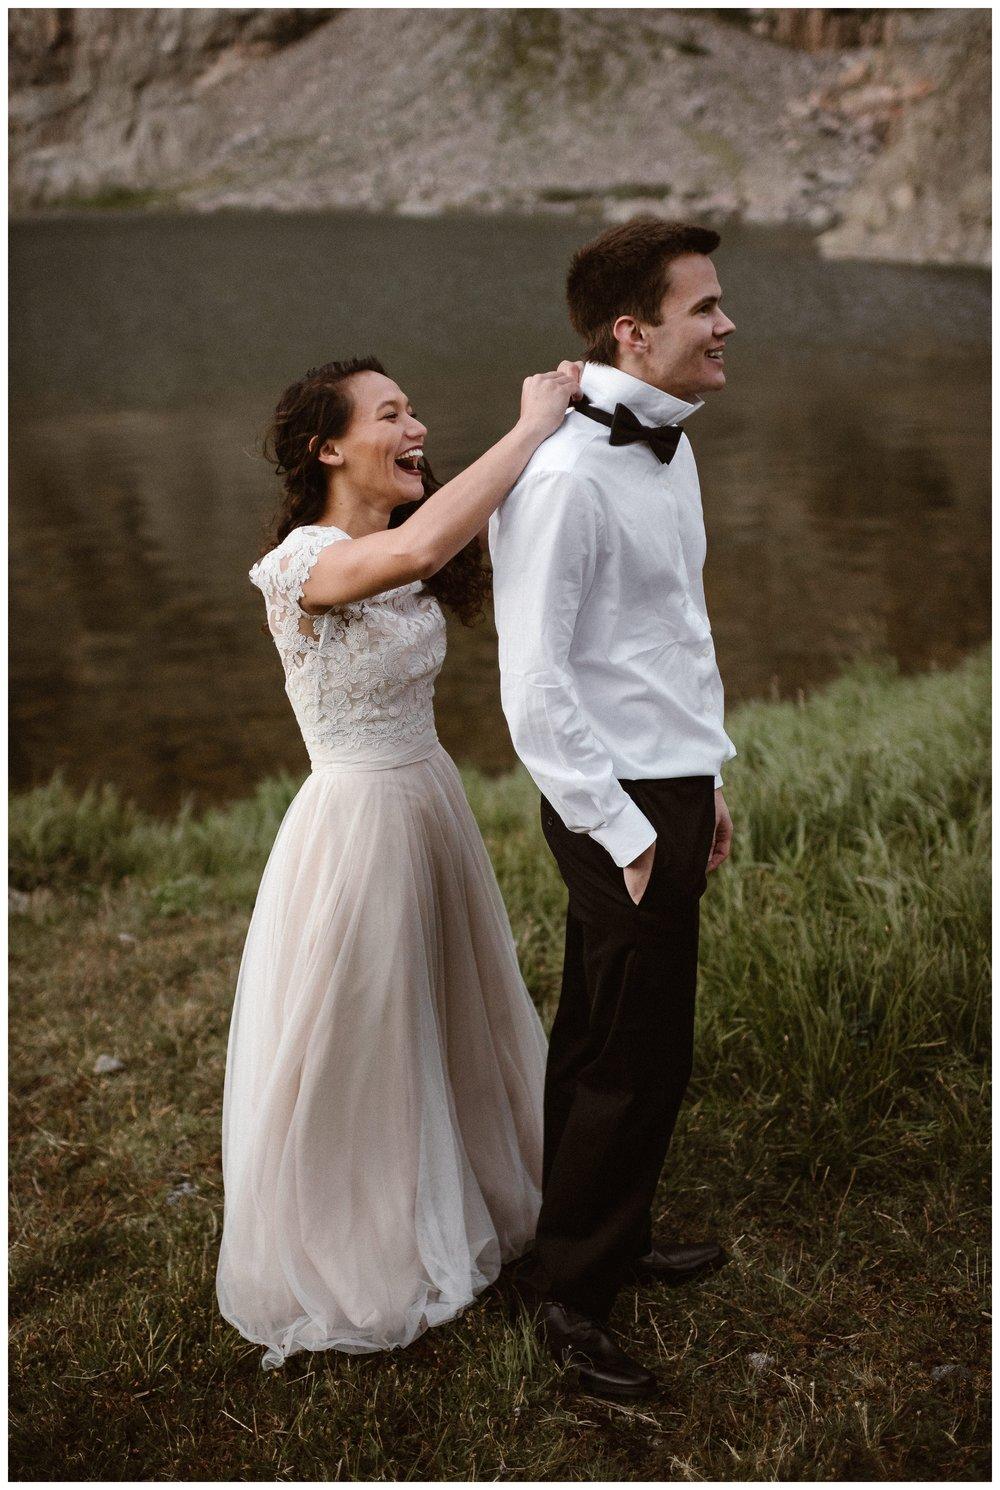 Rangefinder-Top-Wedding-Photographers-Adventure-Instead-Maddie-Mae-Destination-Elopement-Photography-Eloping-Photographers_0017.jpg